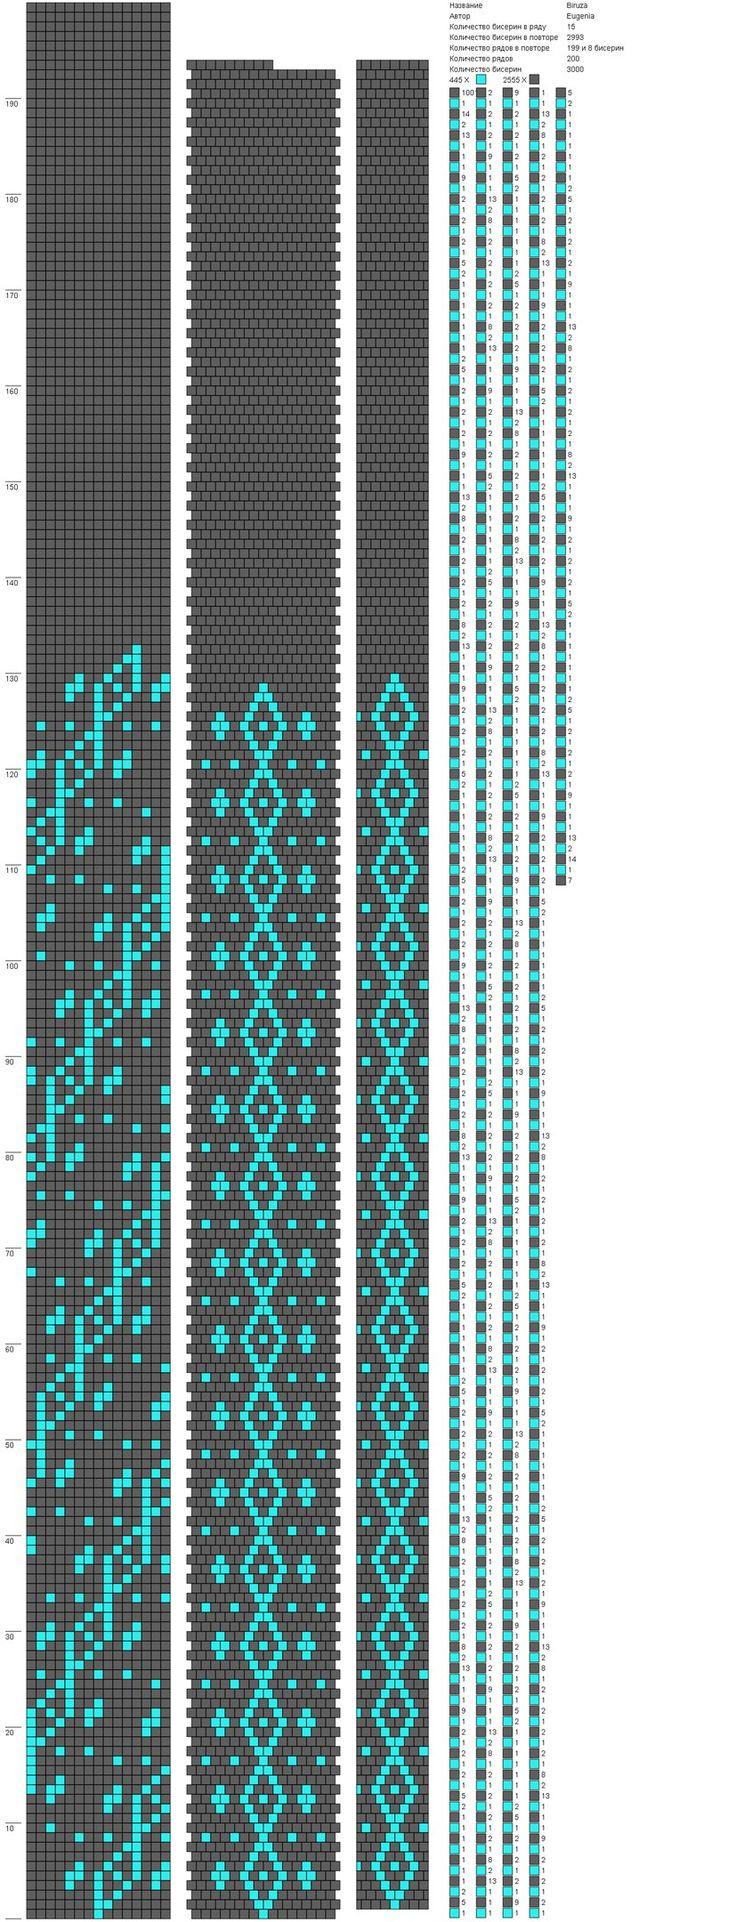 схема треугольника кирпичным плетением бисером